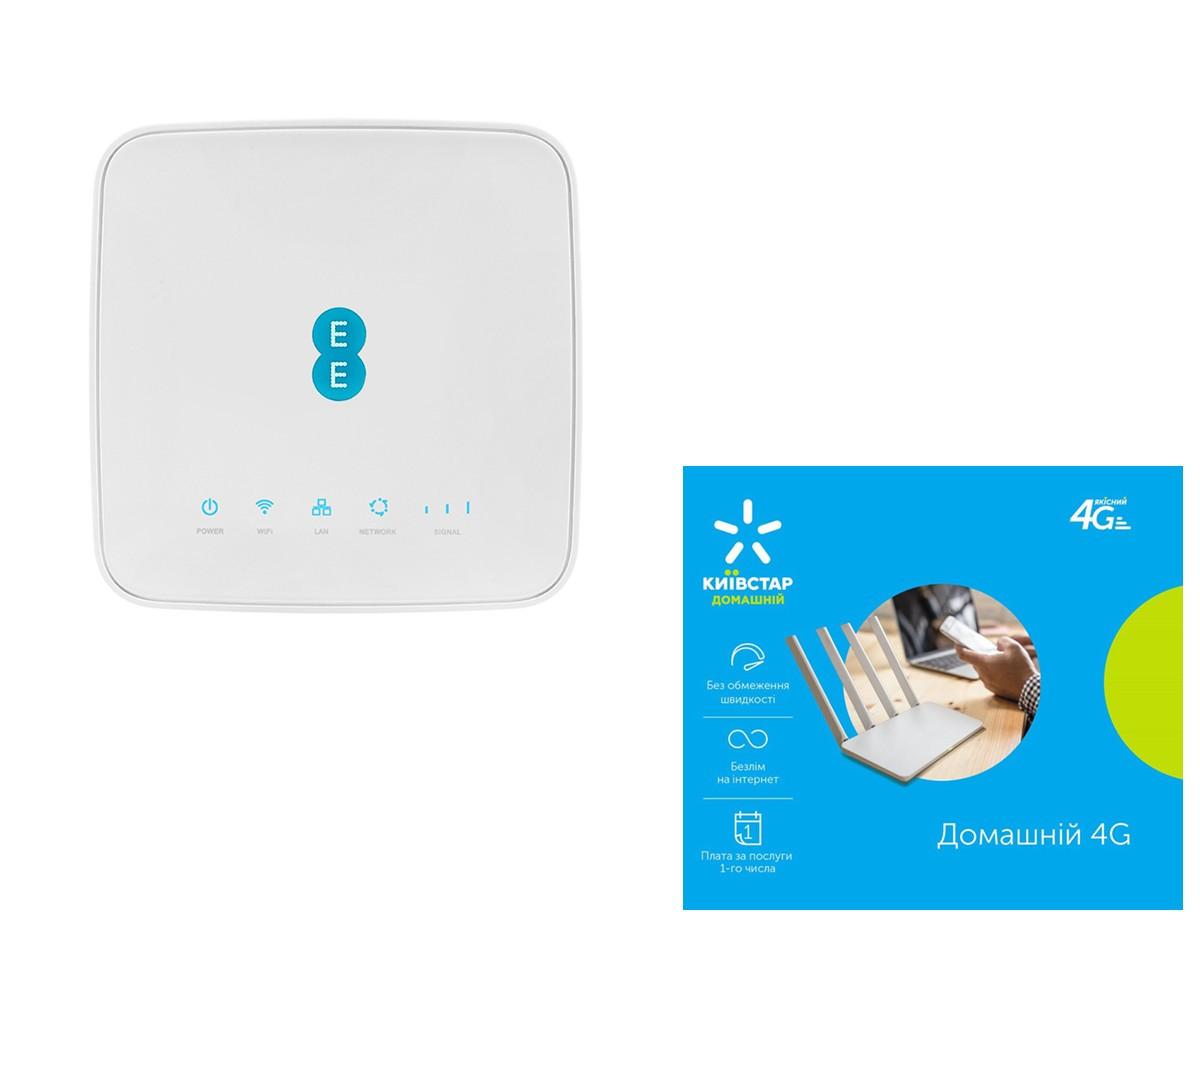 Комплект Alcatel HH70 безлимитный 4G Киевстар Pro